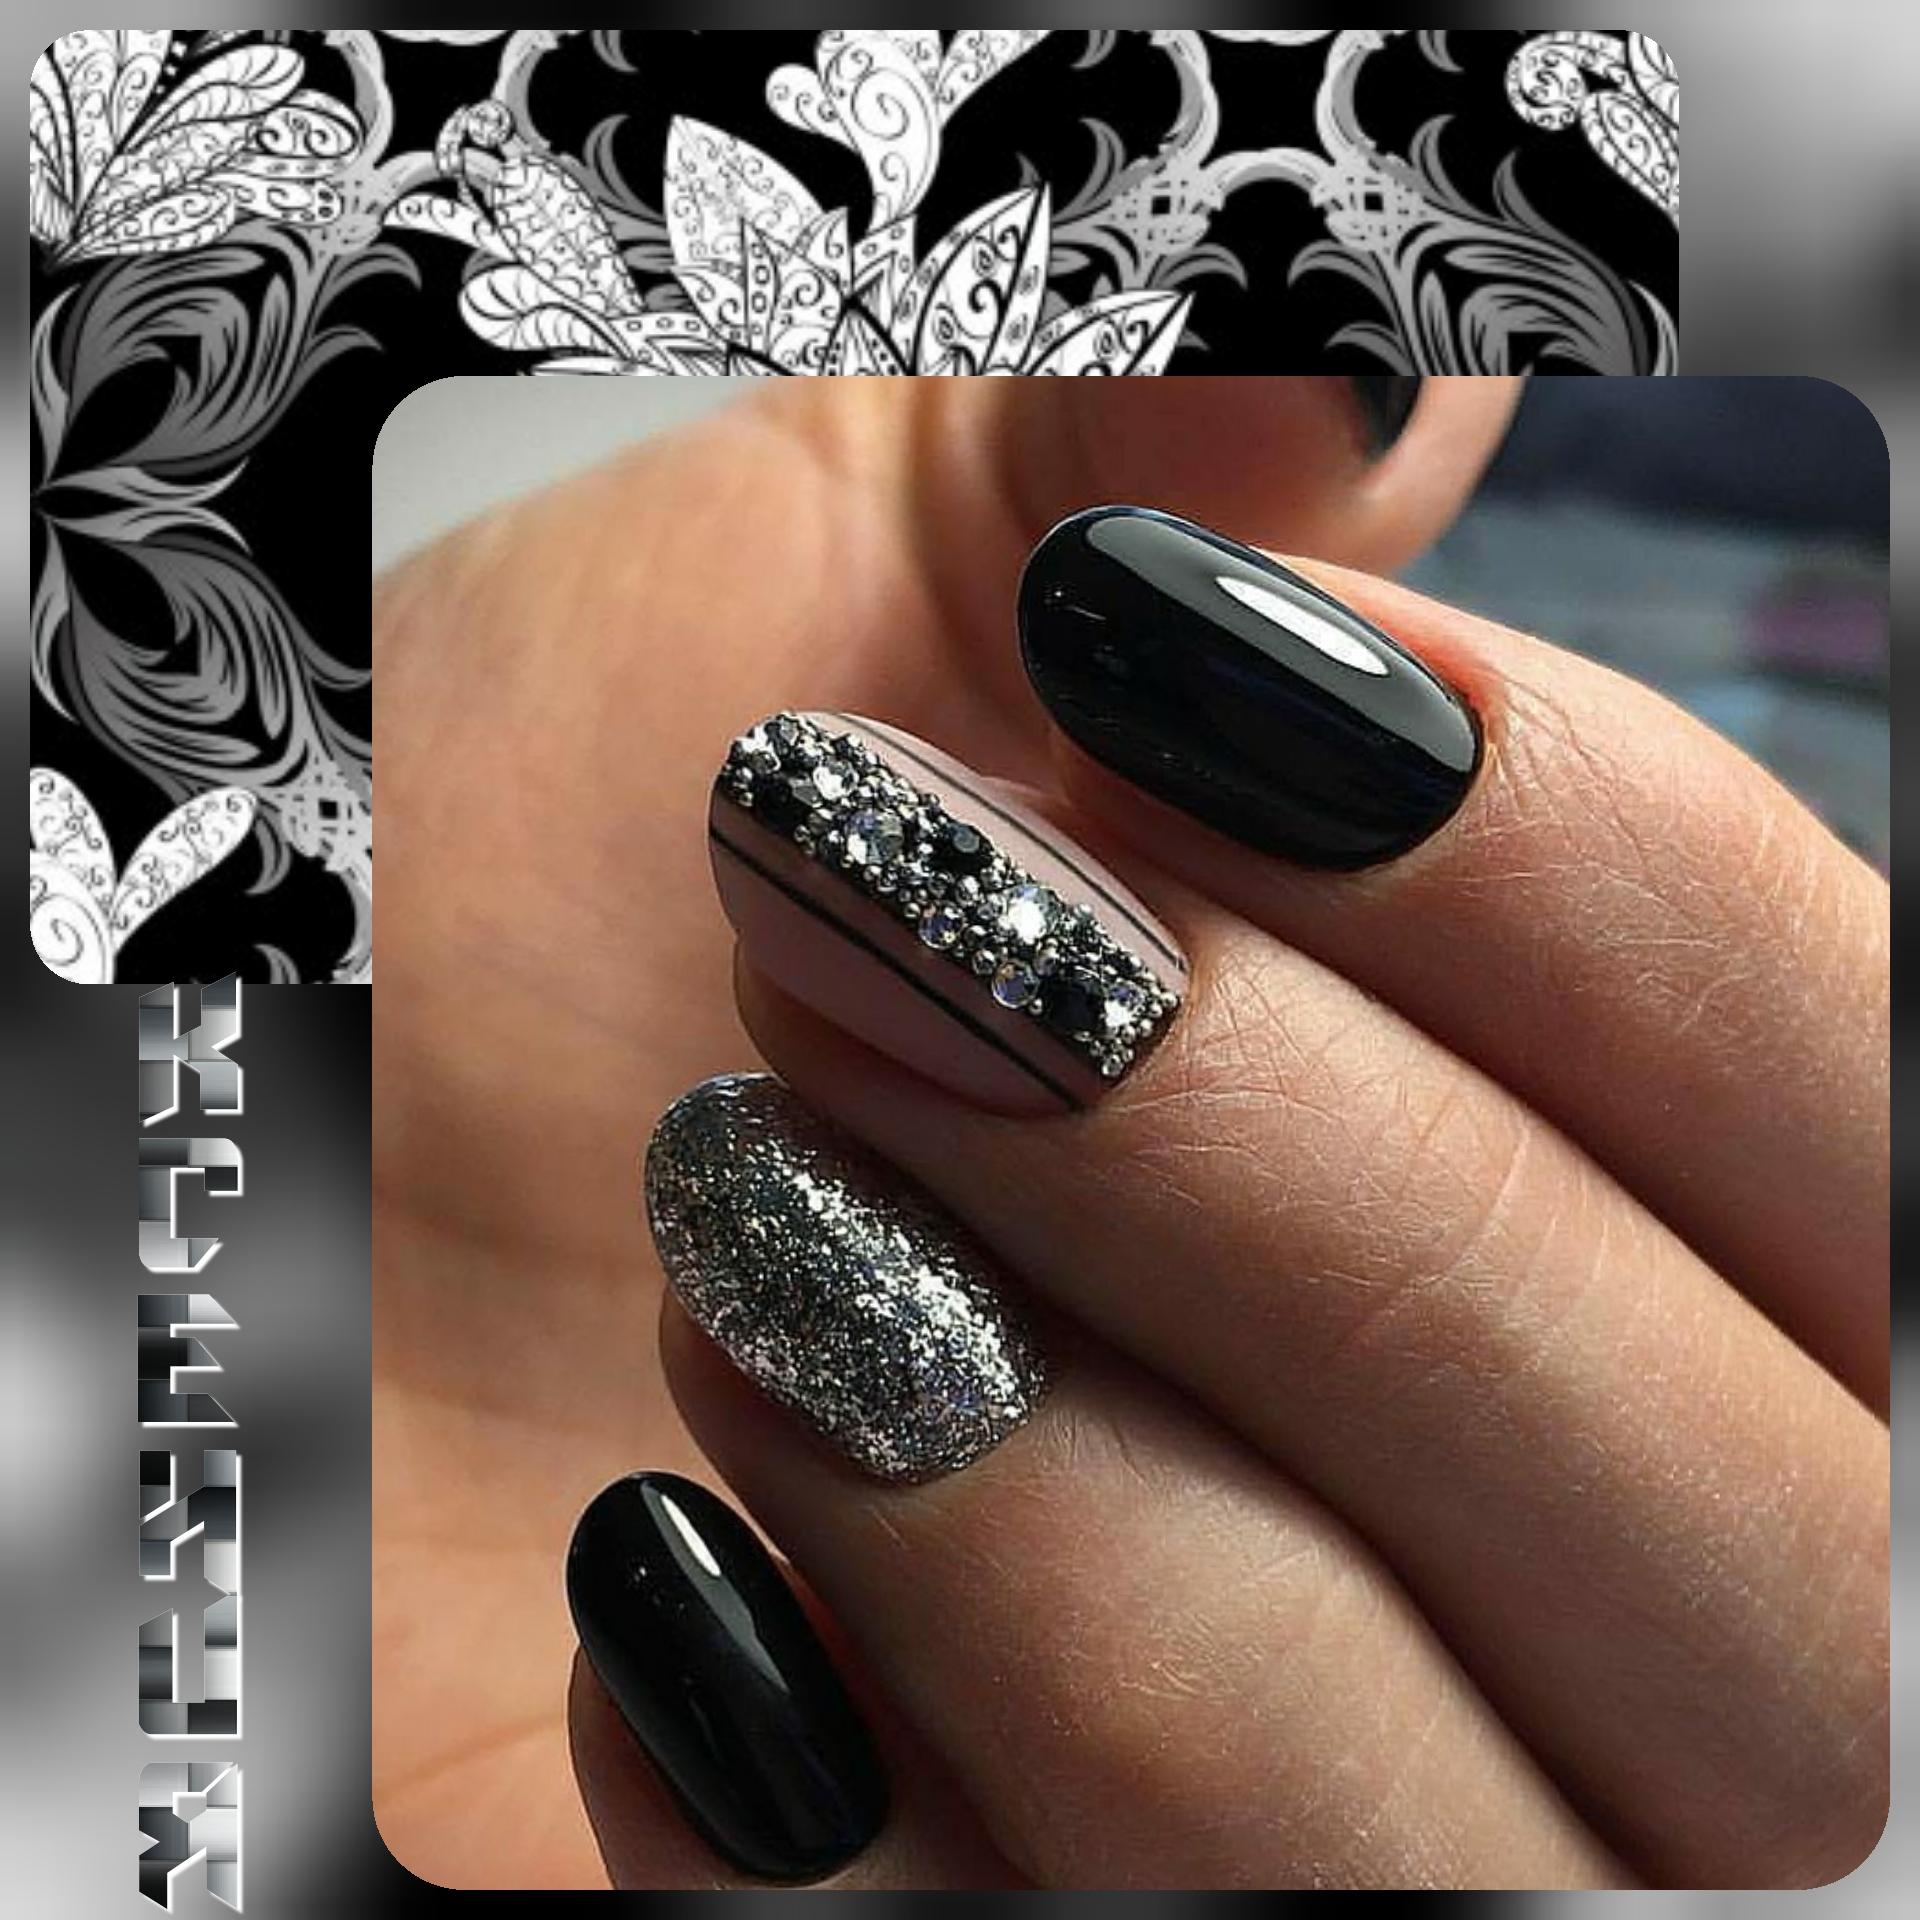 Маникюр с серебряными блестками и стразами в черном цвете.